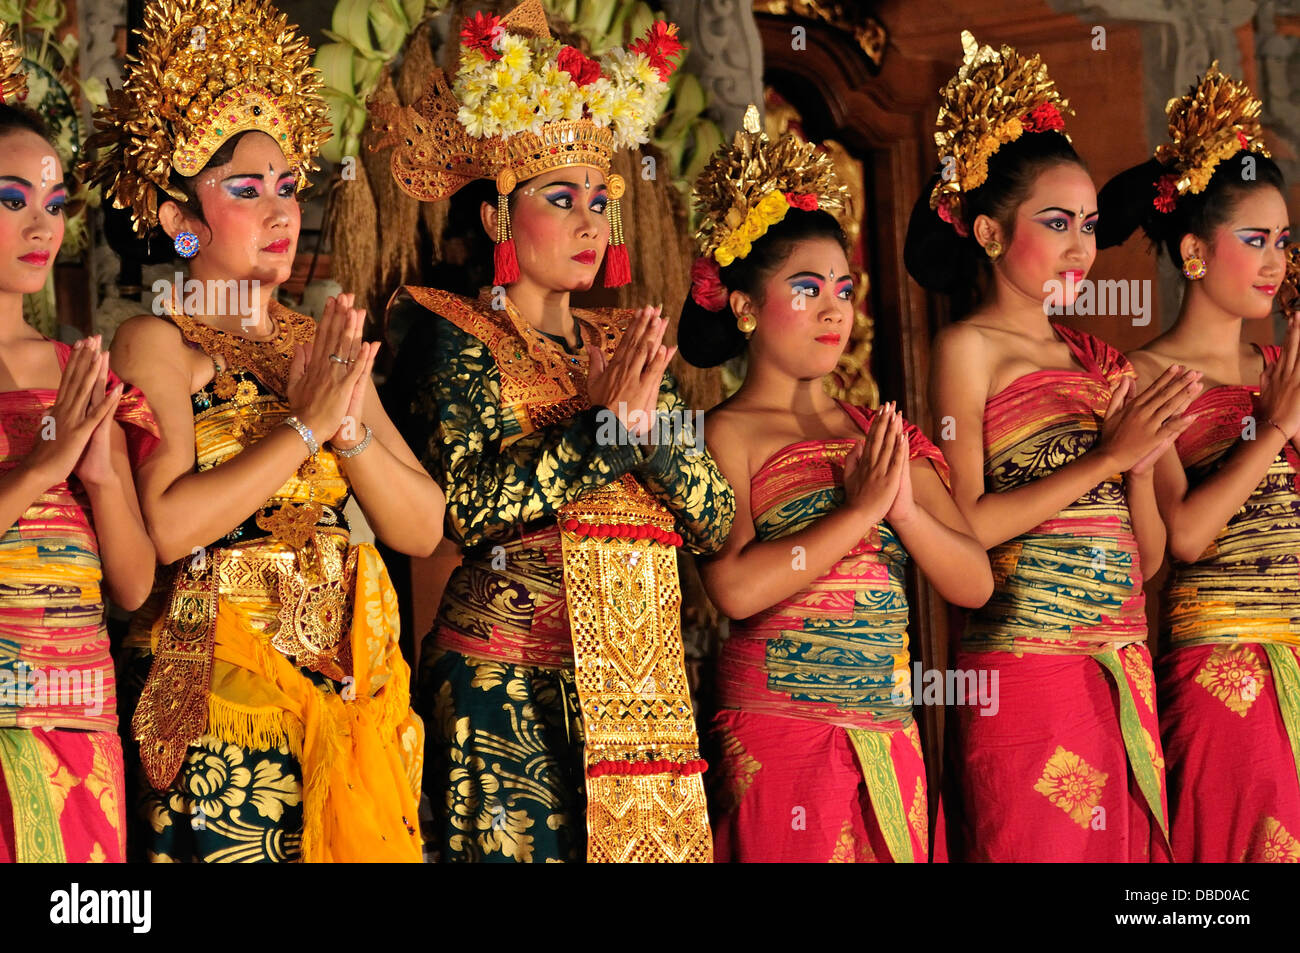 Legong Dance dancers, Ubud, Bali, Indonesia, Asia - Stock Image